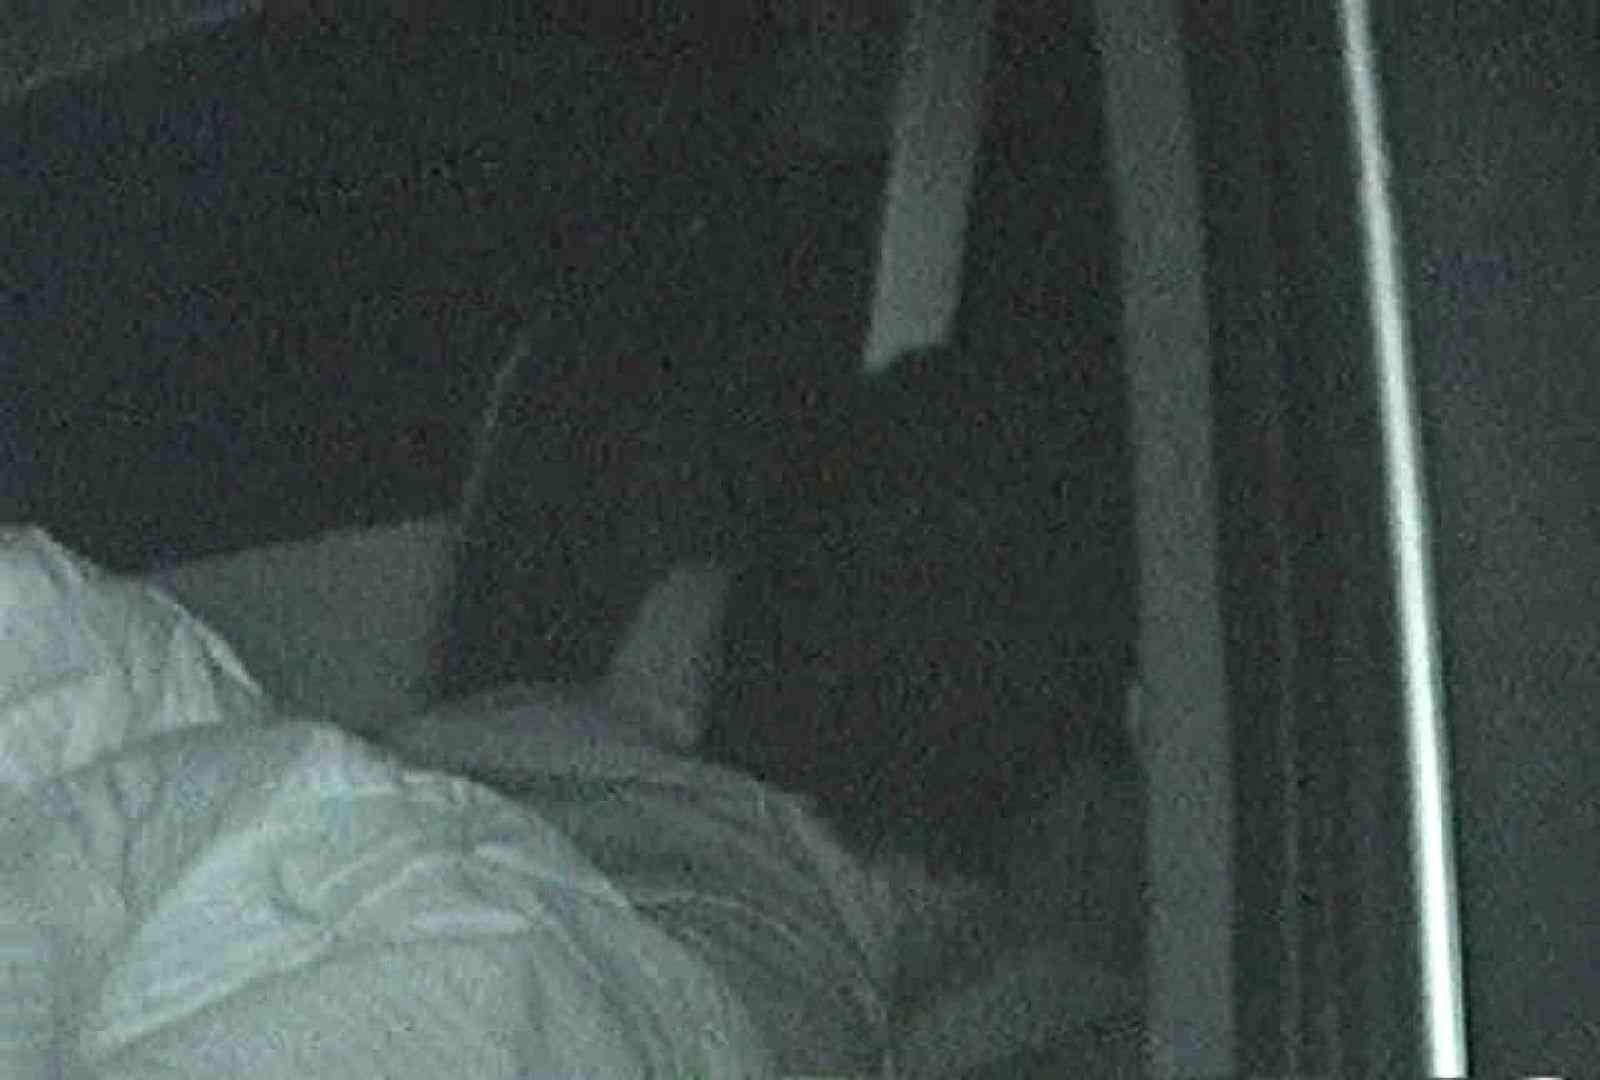 充血監督の深夜の運動会Vol.67 熟女 覗きおまんこ画像 77画像 3